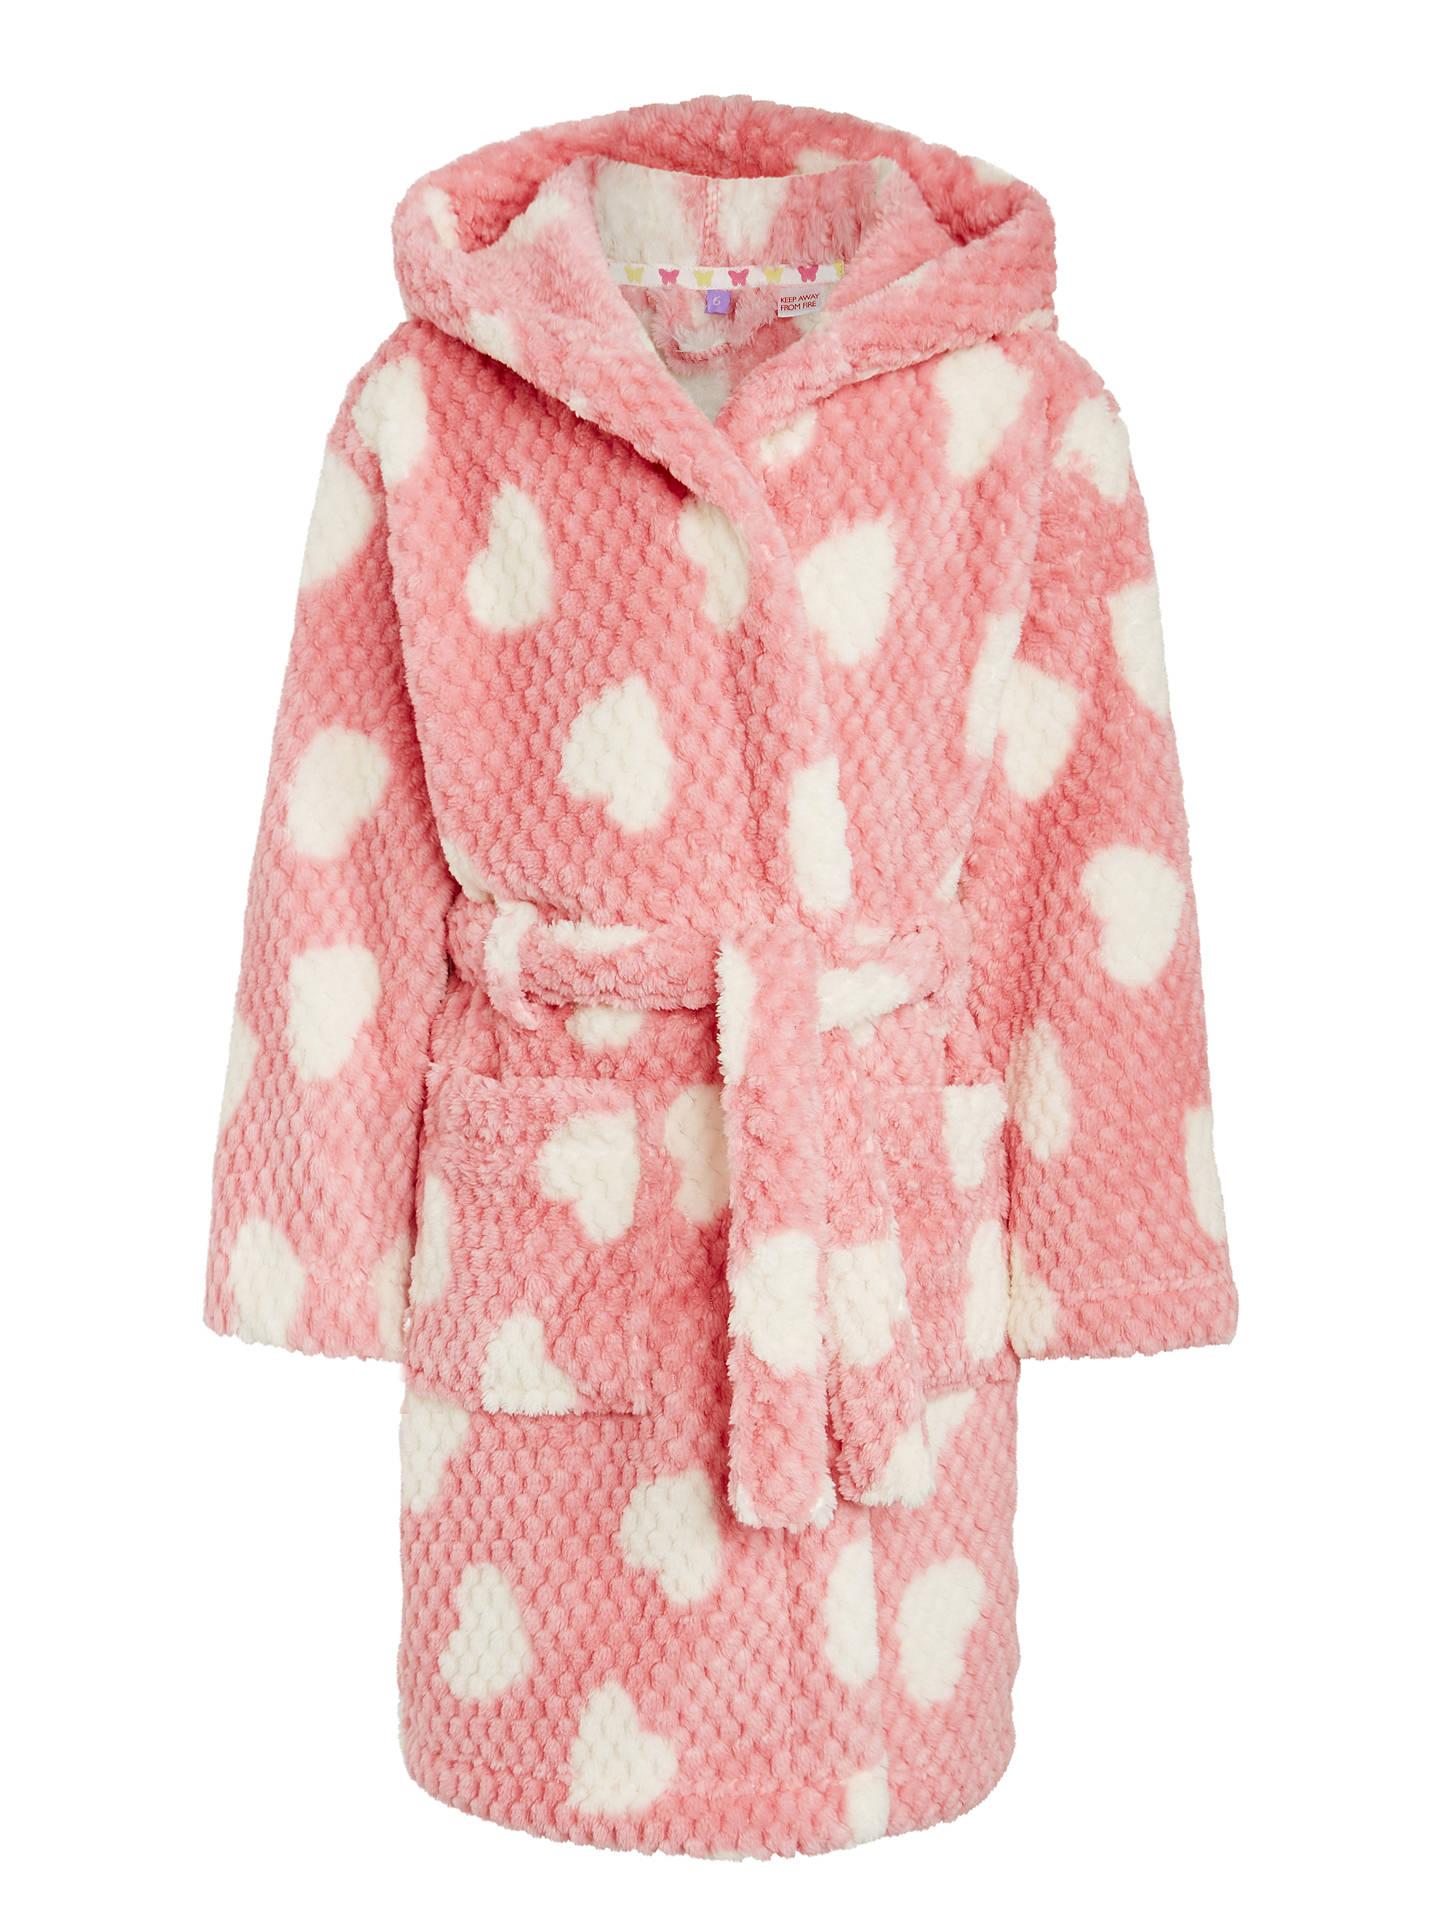 John Lewis Girls Heart Print Dressing Gown Pink At John Lewis